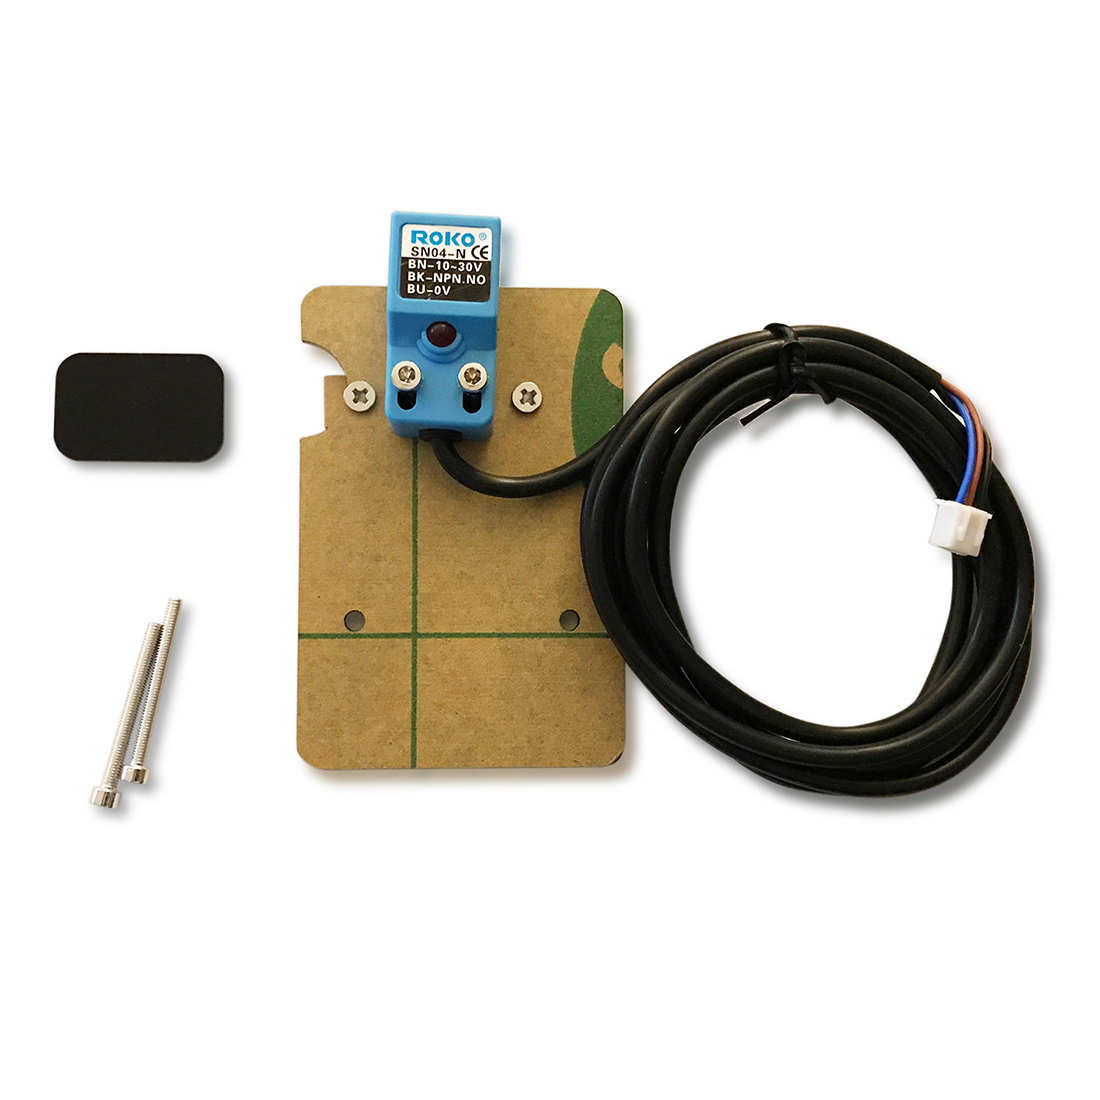 Vast Auto-auto Leveling Positie Sensor Voor Anet A8 Prusa I3 3d Printer Reprap Met Een Langdurige Reputatie